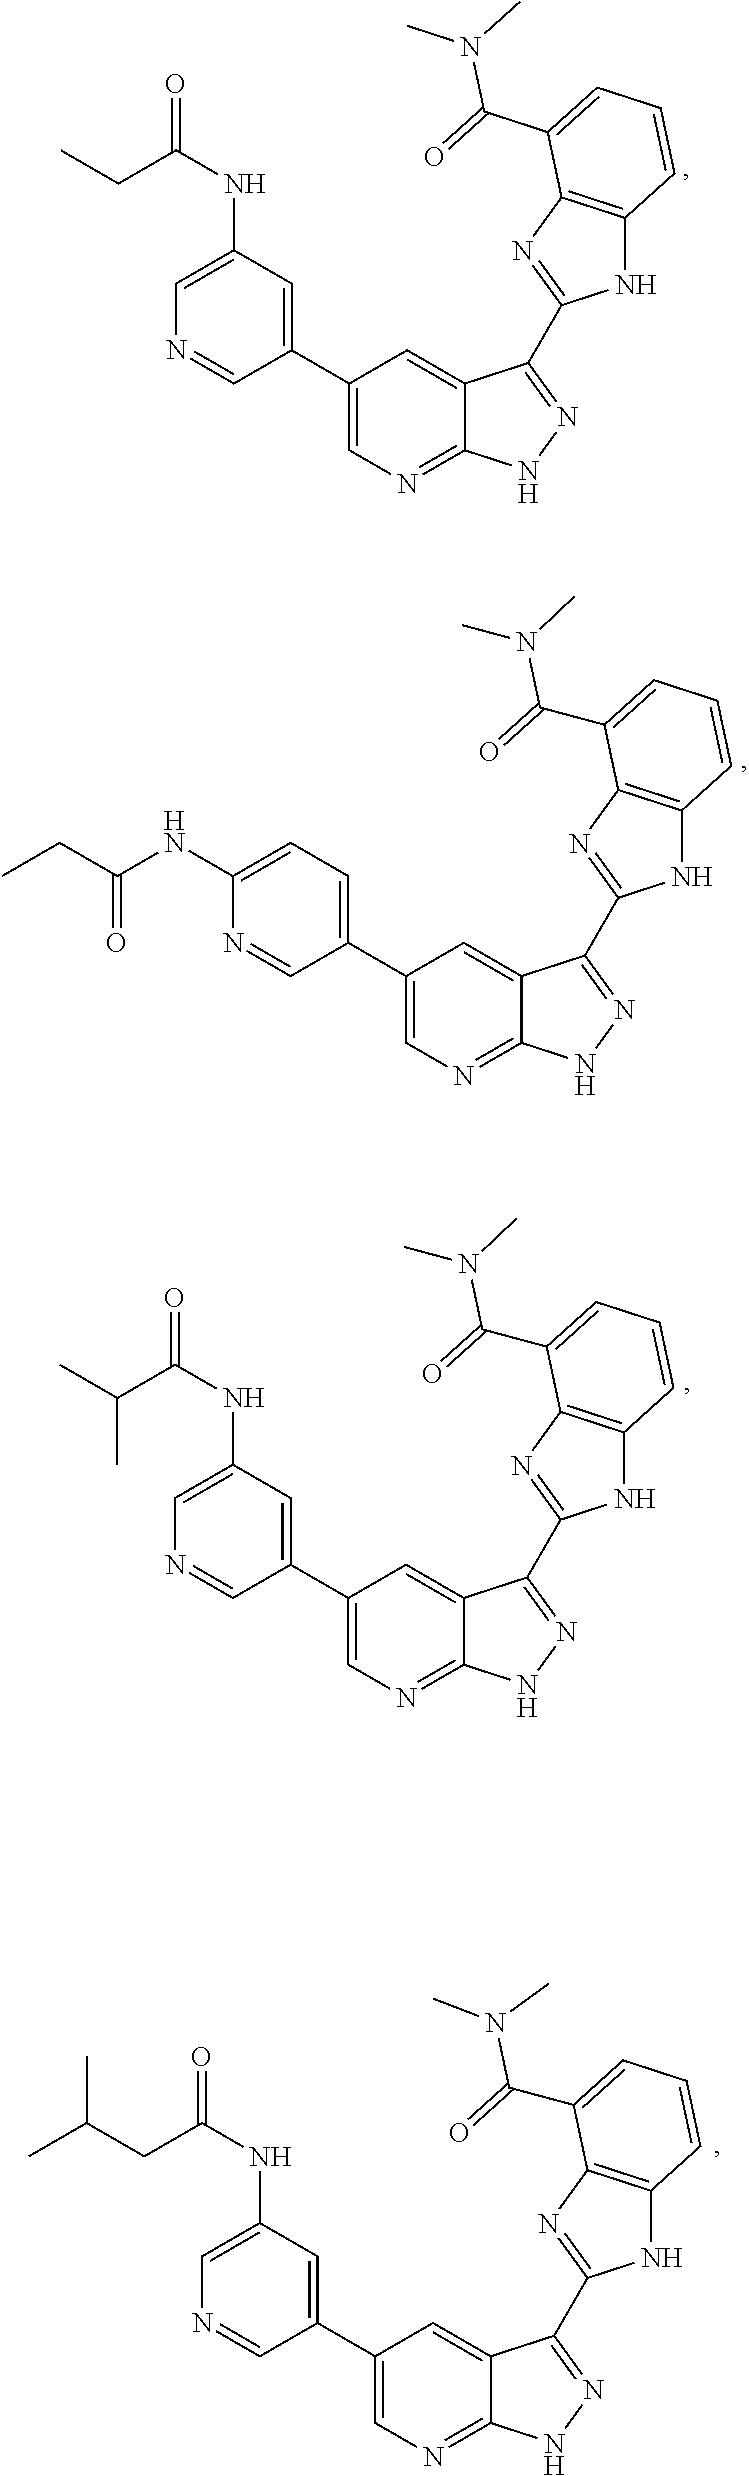 Figure US08618128-20131231-C00028